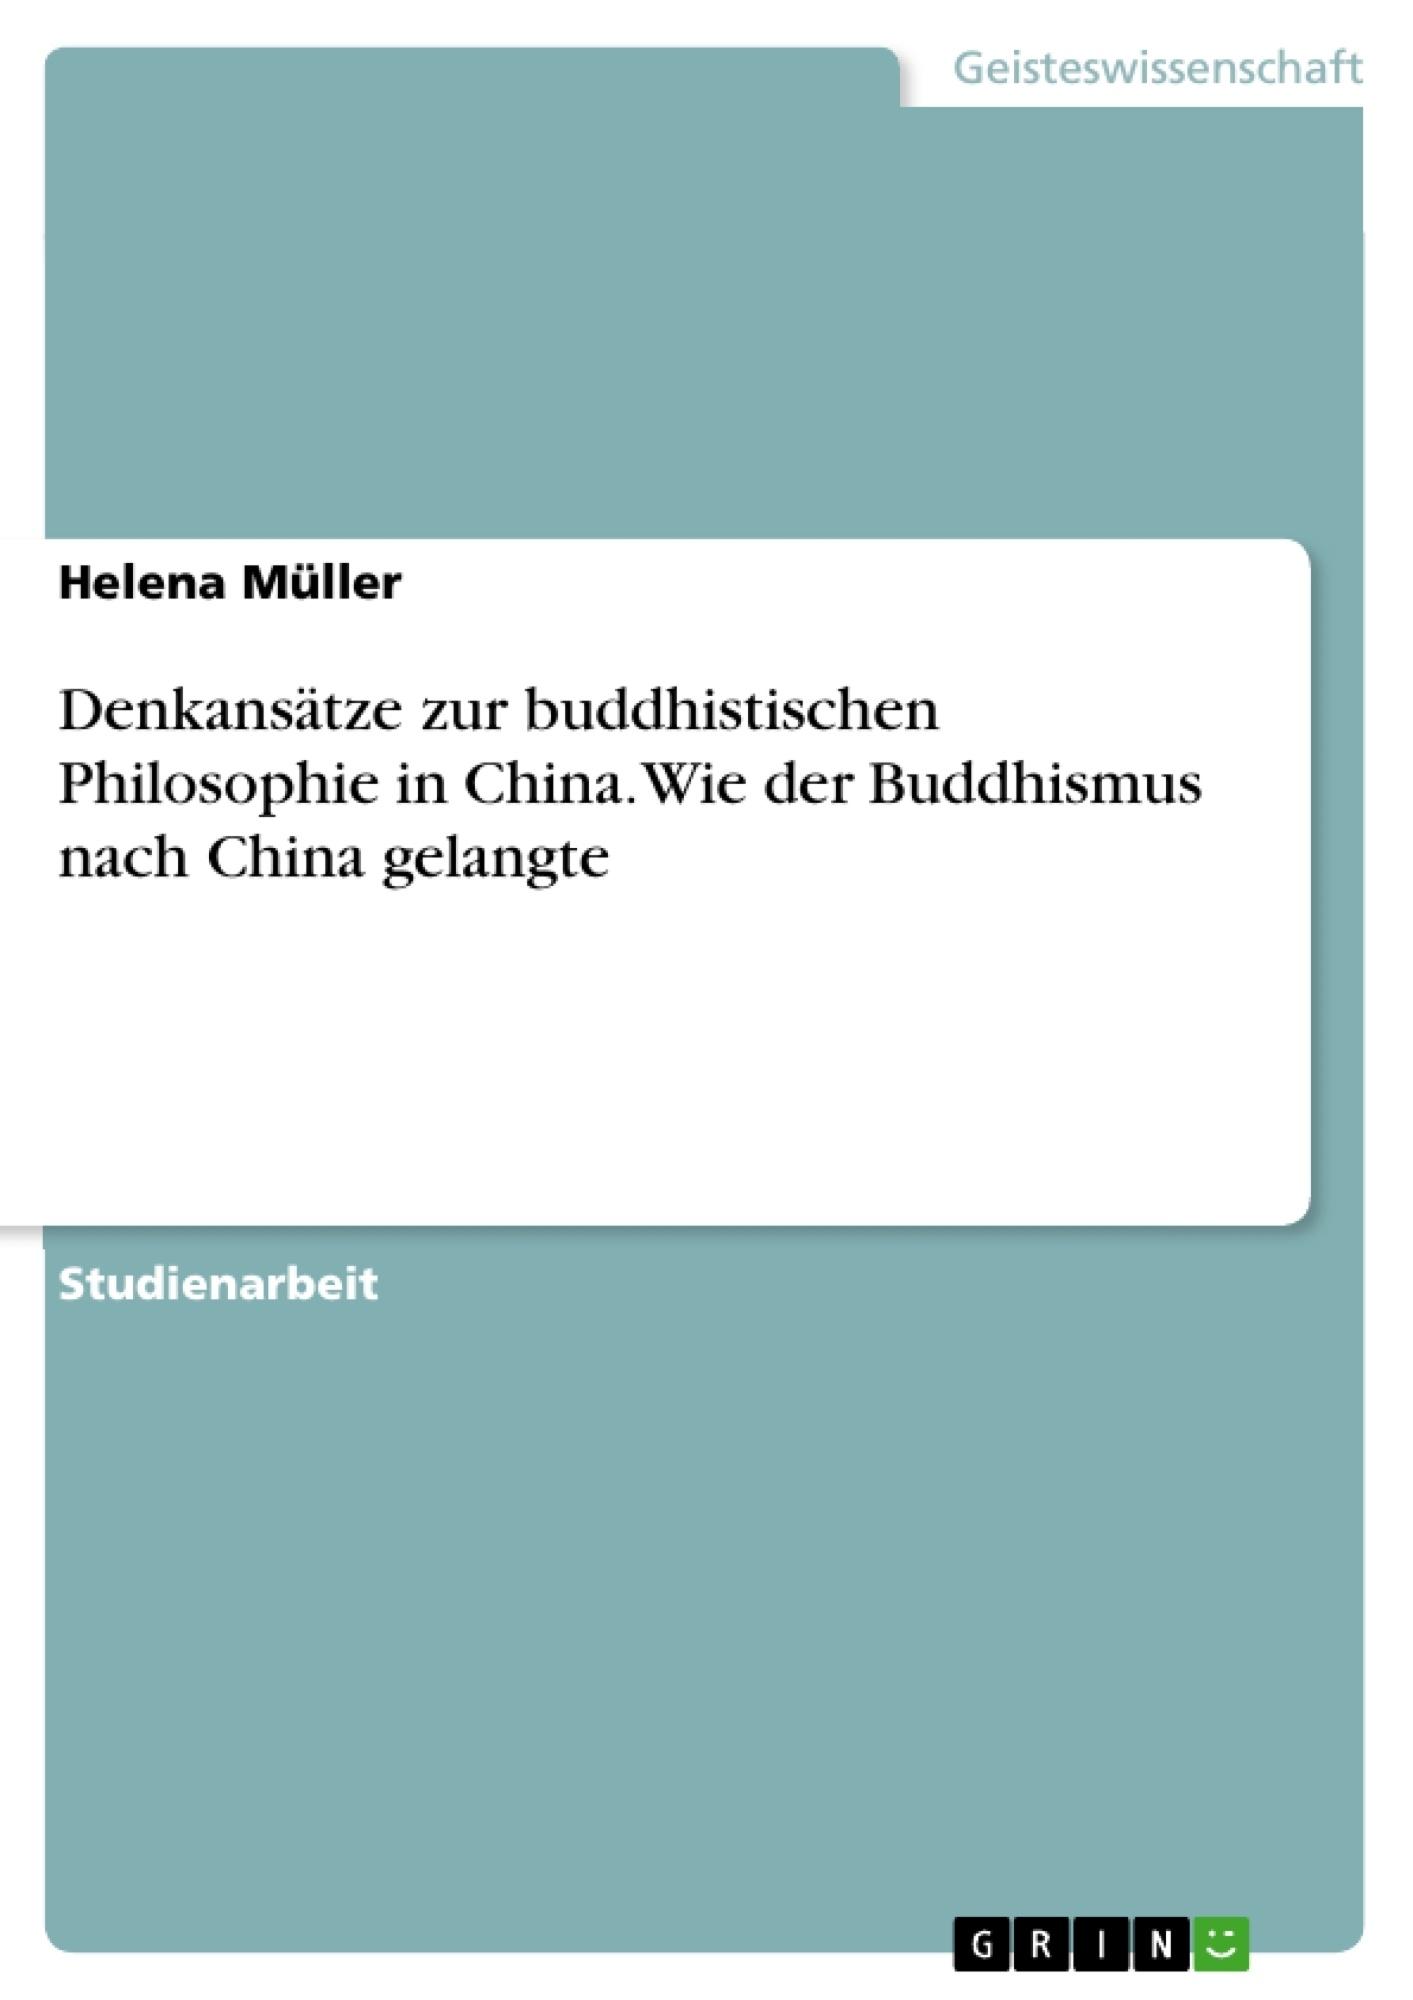 Titel: Denkansätze zur buddhistischen Philosophie in China. Wie der Buddhismus nach China gelangte